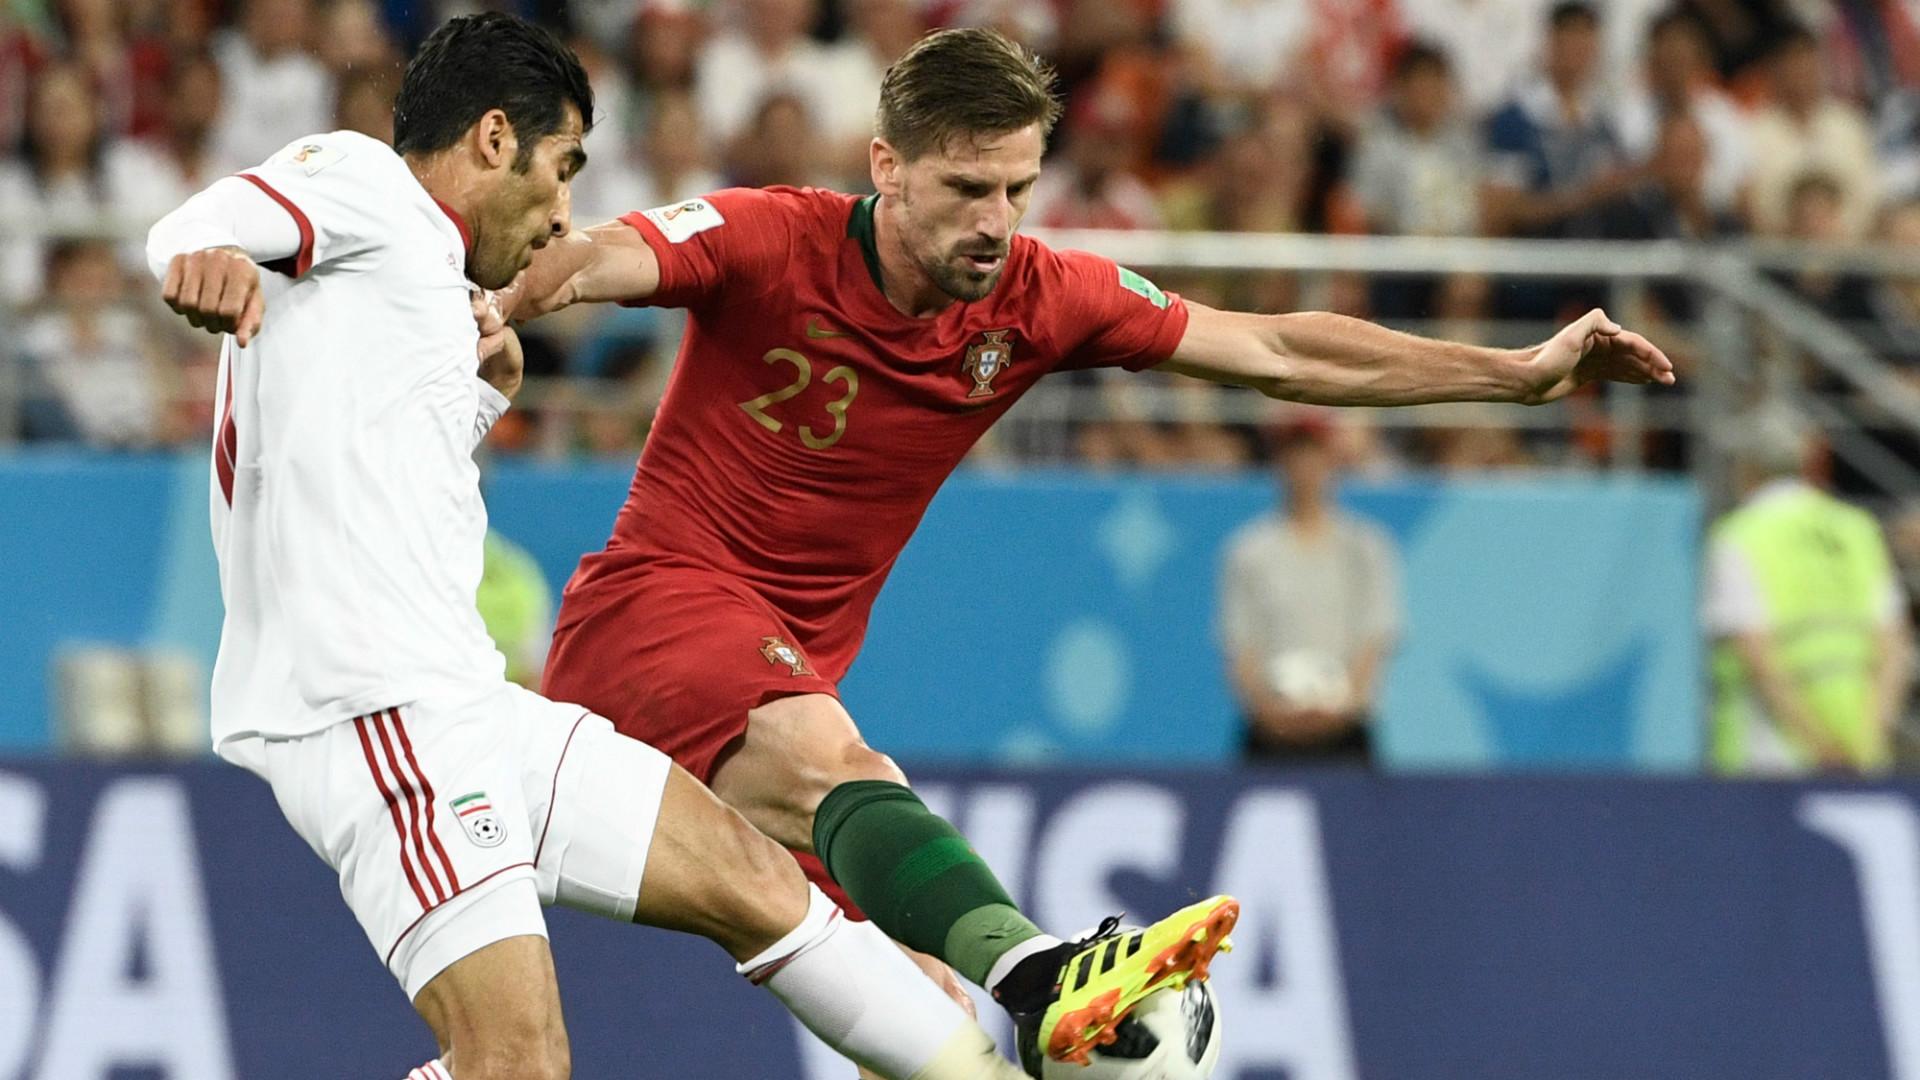 Adrien Silva Portugal vs Iran World Cup